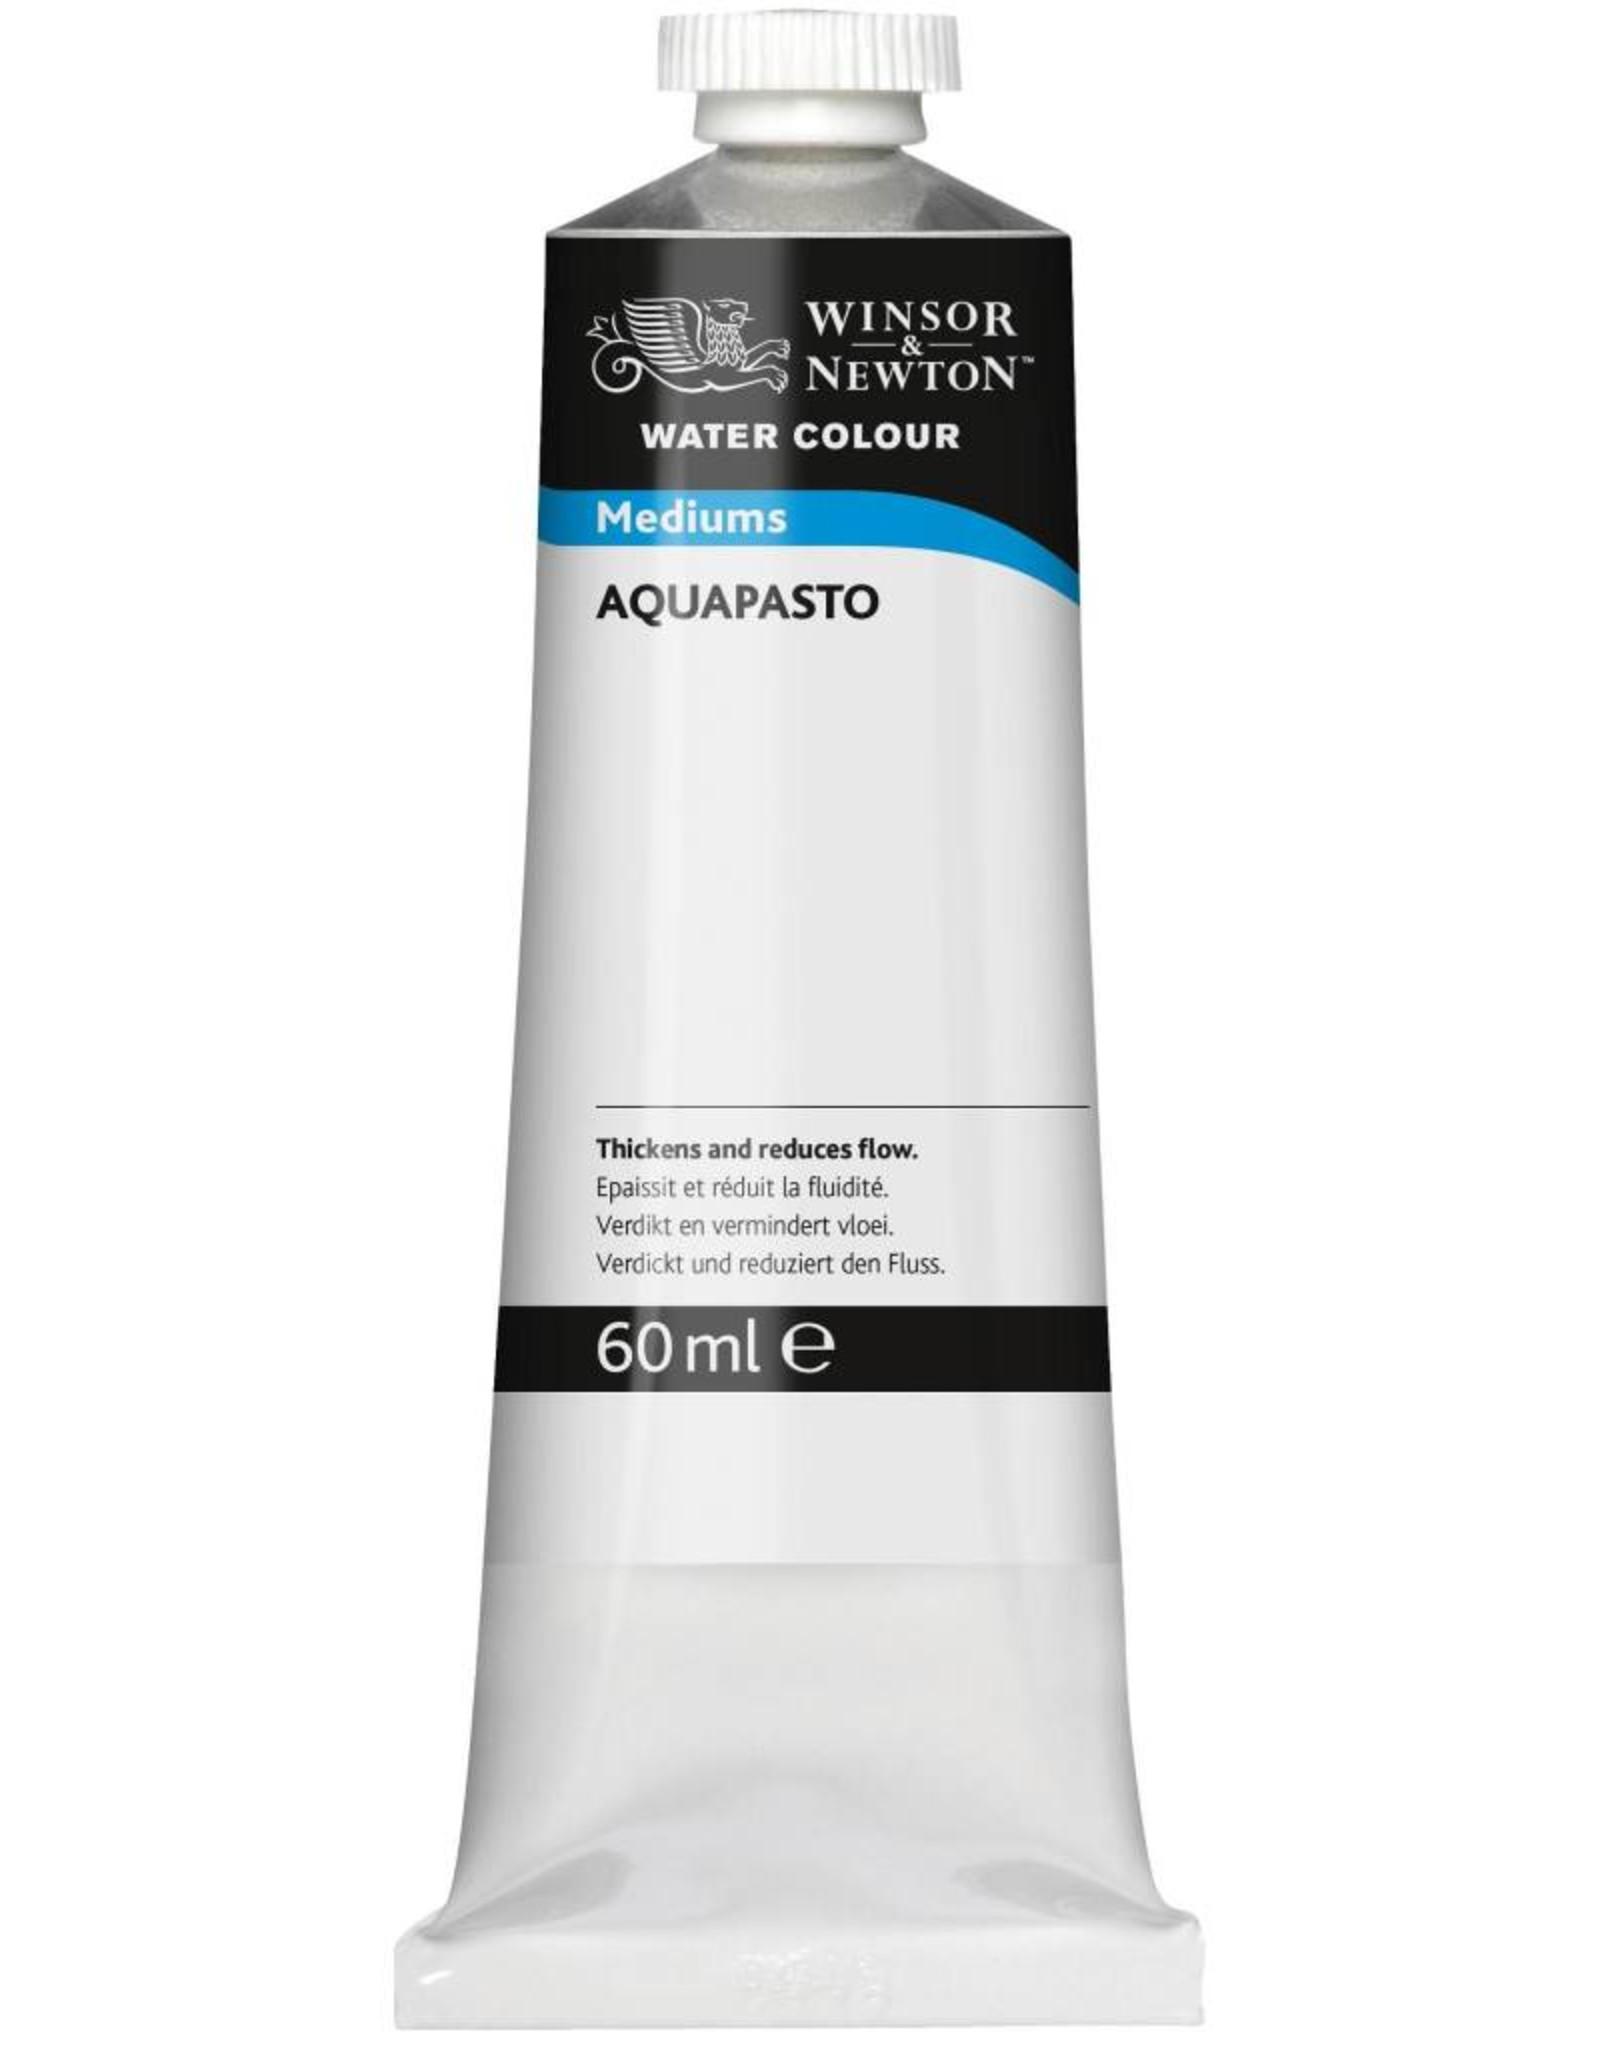 Winsor & Newton Aquapasto 60ml